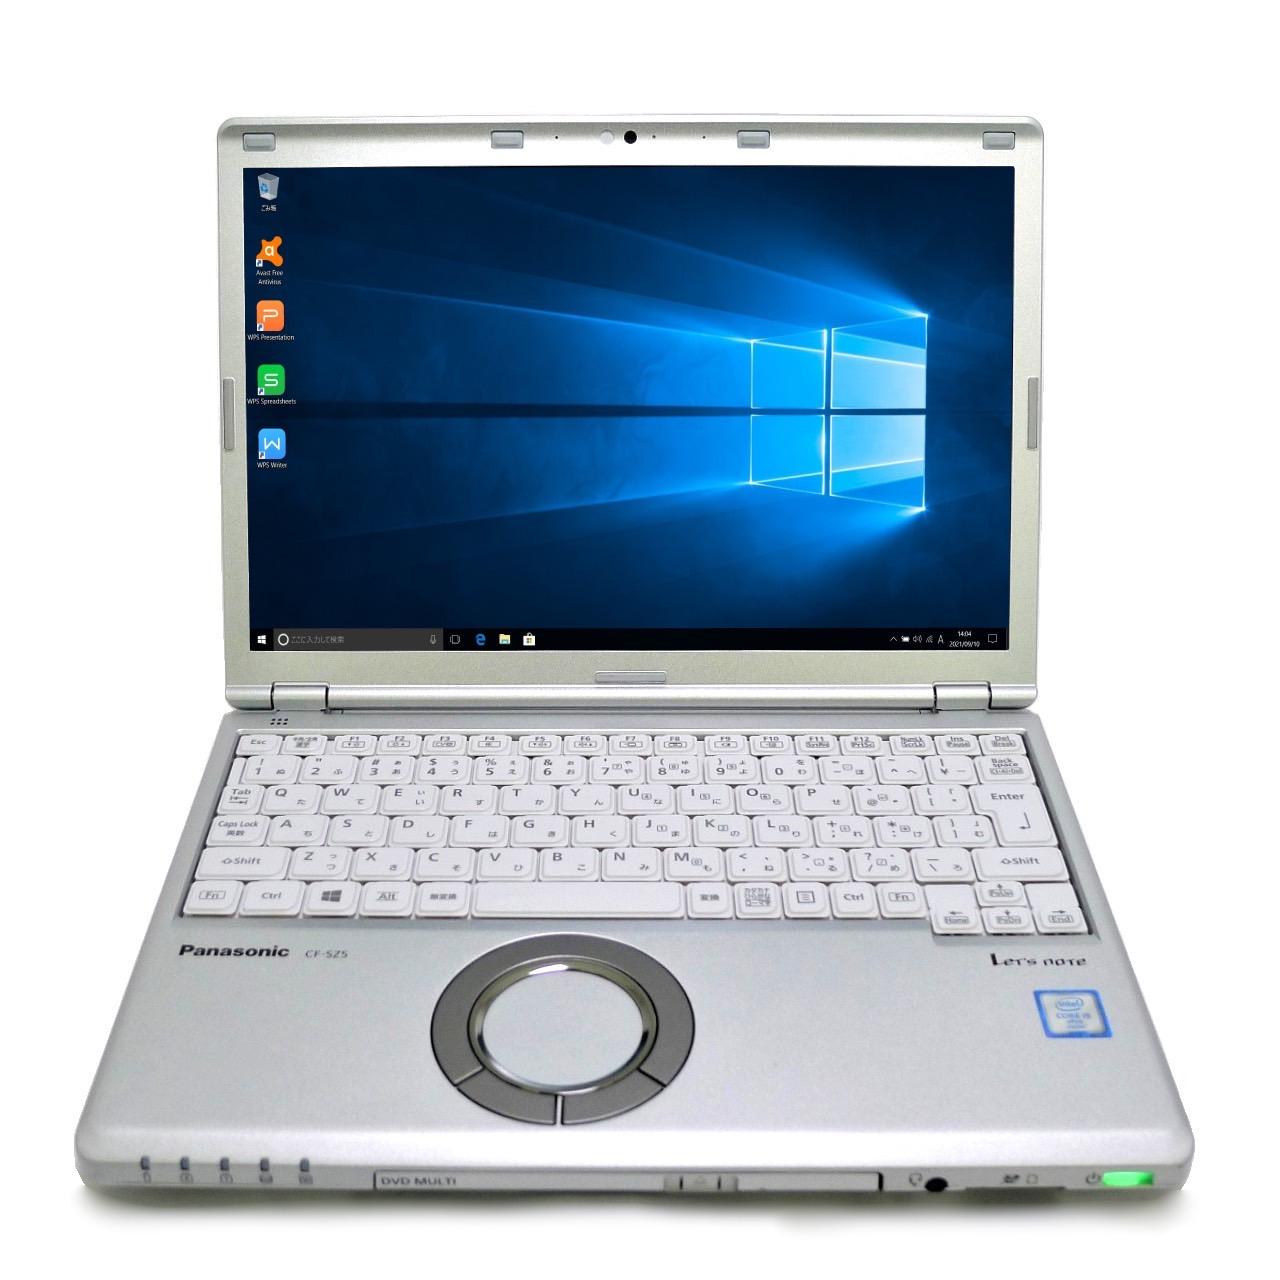 在宅勤務にオススメ パナソニック Panasonic 公式ストア Let's note CF-SZ5 Core i5 4GB 新品SSD2TB 12.1型 ノートパソコン スーパーマルチ 無線LAN Windows10 中古 待望 モバイルノート 中古パソコン 64bitWPSOffice